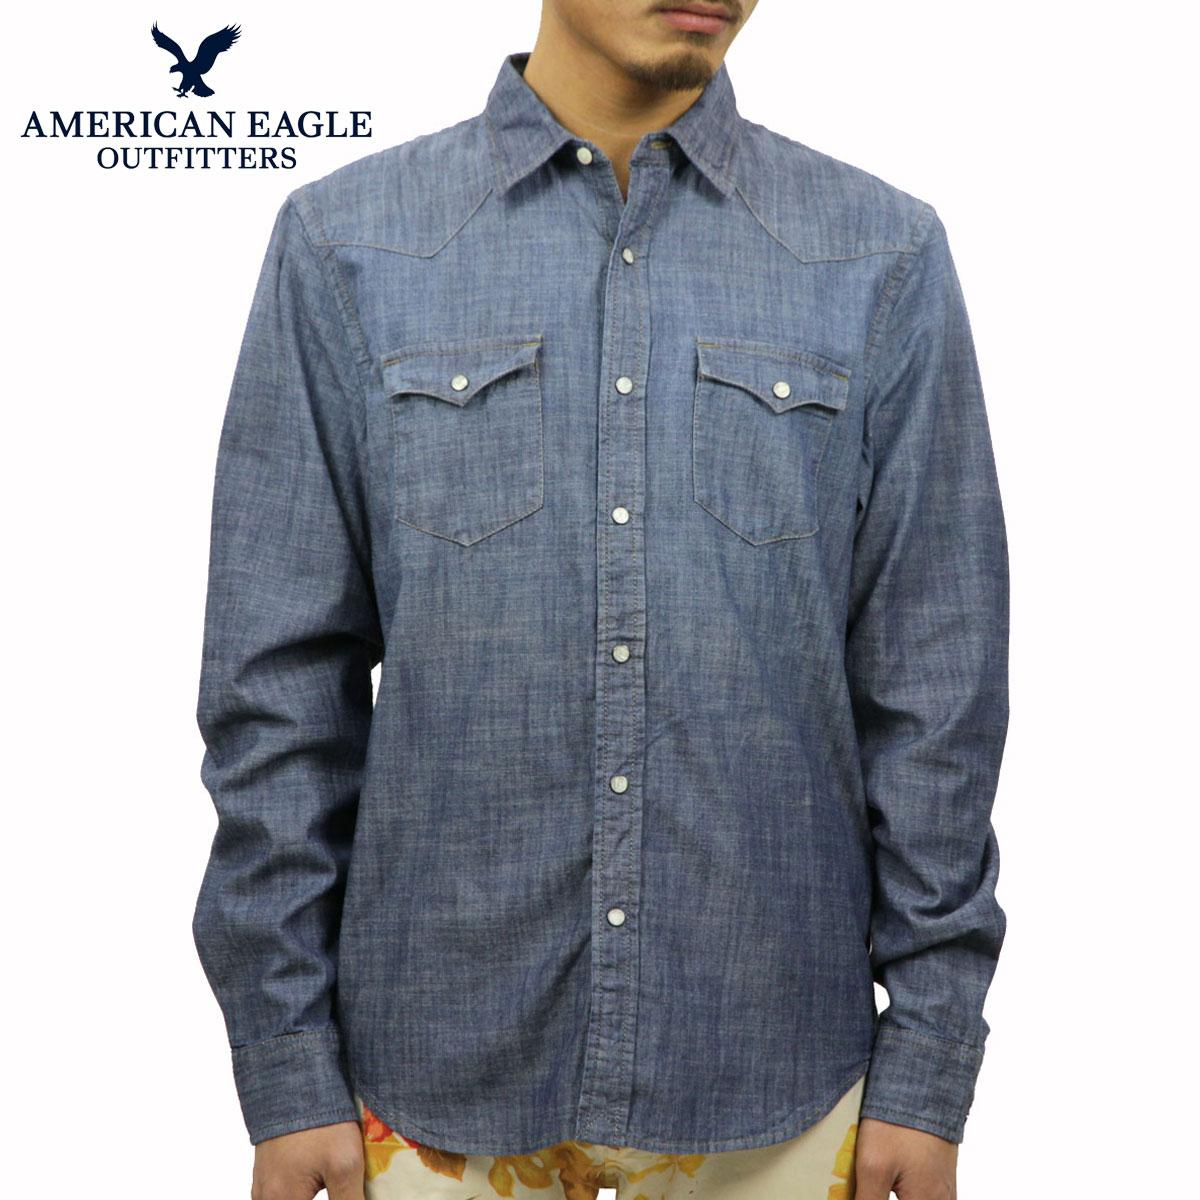 美国鹰牌美国鹰 AE 男士色织青年布衬衫 AE 纺西衬衫 1152年 8581 海军